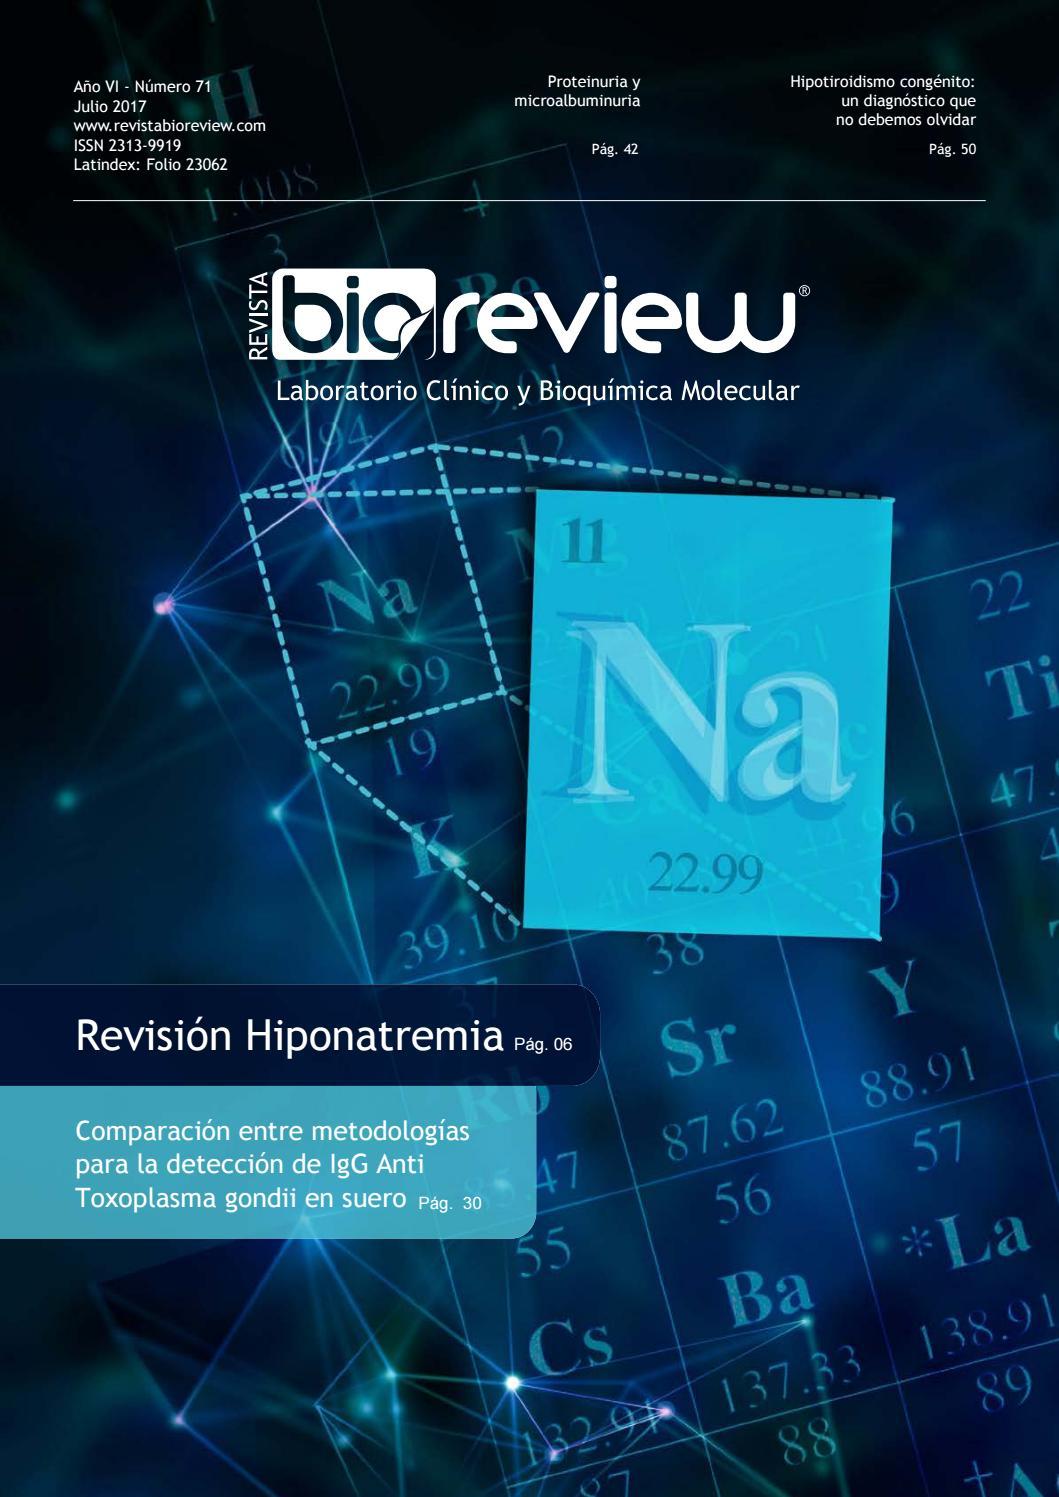 Revista Bioreview Edición 71 julio 2017 by RW SA - issuu